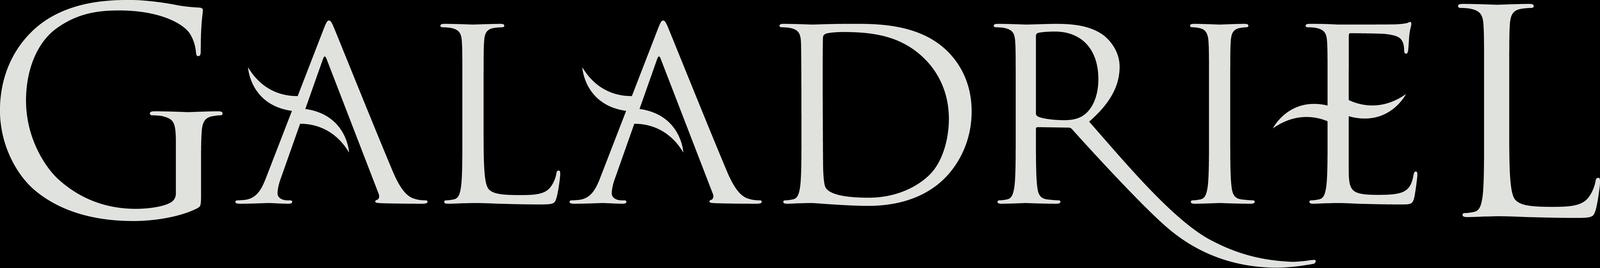 Galadriel - Logo